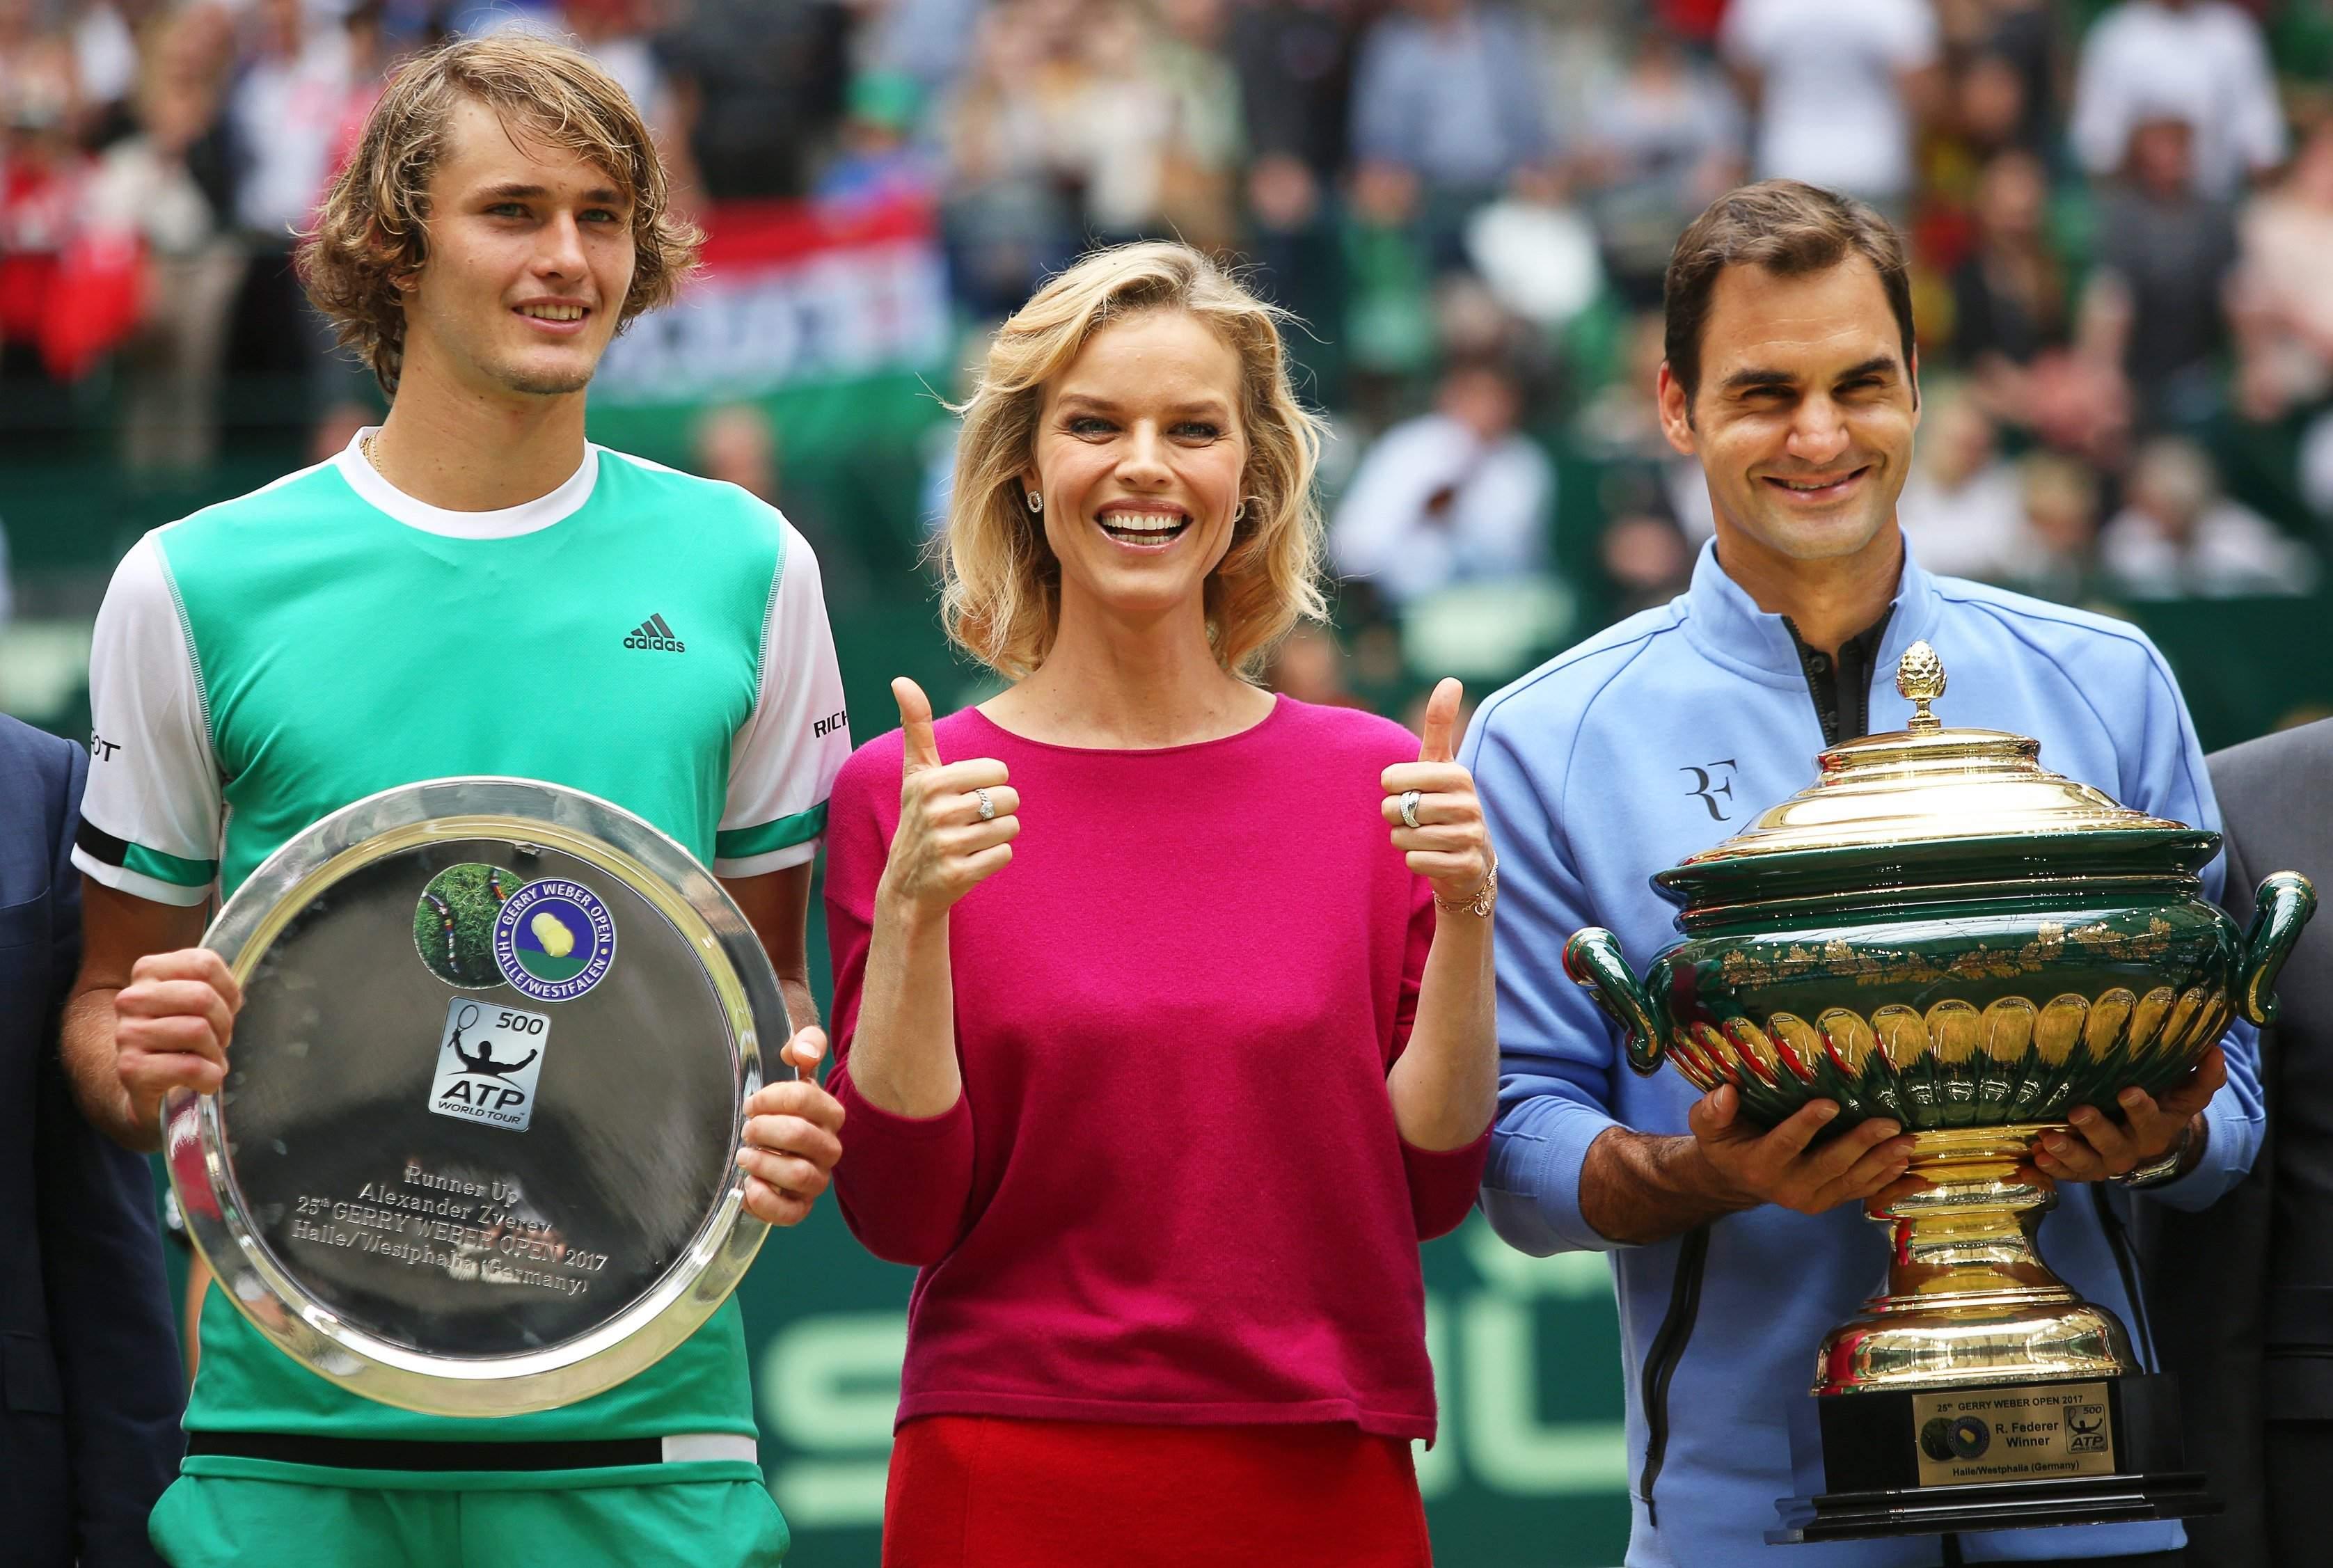 Роджер Федерер: «После турнира вШтутгарте немного сомневался всебе»